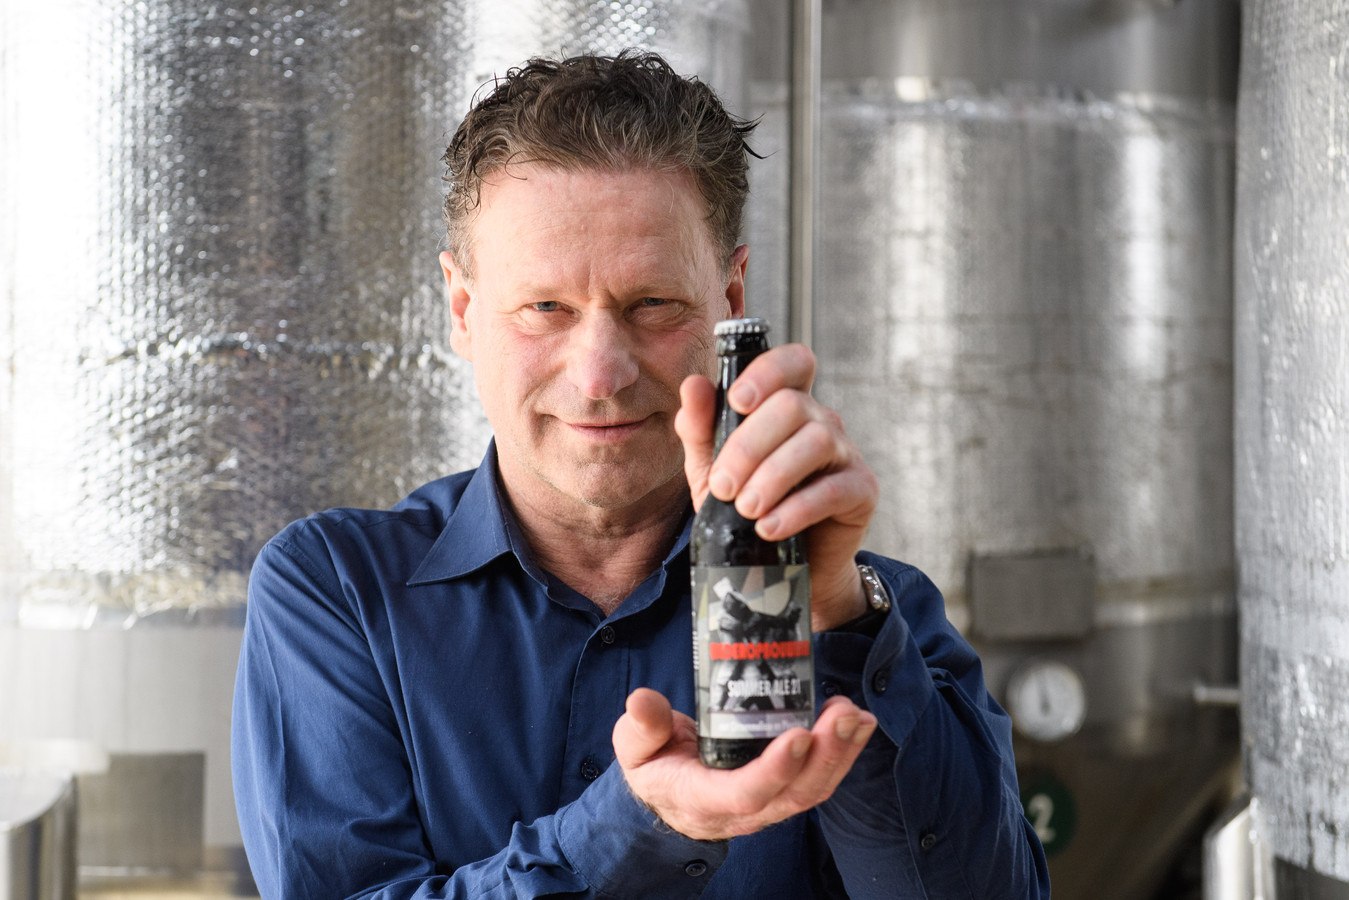 Herbert Capelle bij afvullen van 'Wederopbouwbier', een speciaal bier dat hij heeft laten brouwen bij Rigtersbier in Buurse.